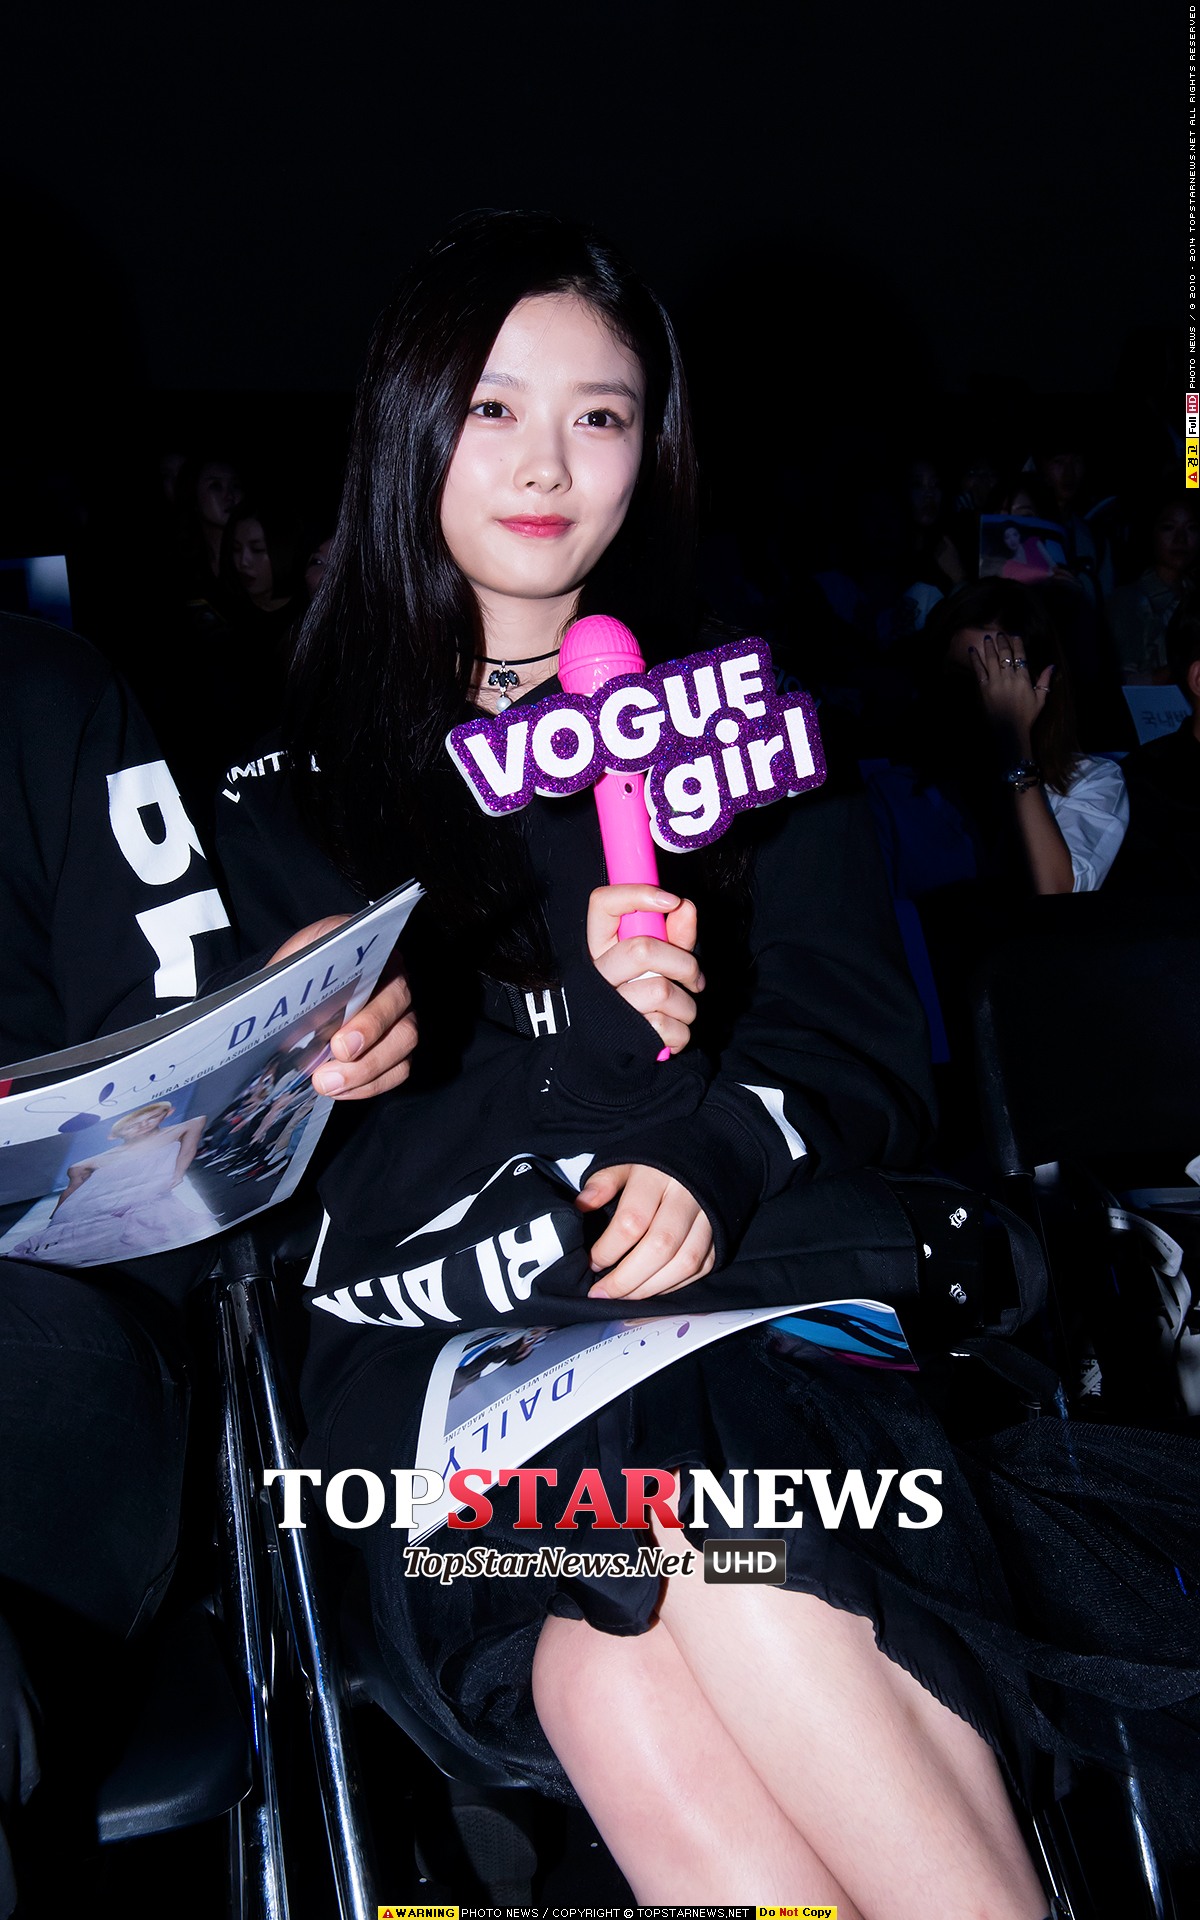 韓網民在網路上盛傳,1999年生,今年才16歲的人氣童星演員金裕貞,她偷偷和....